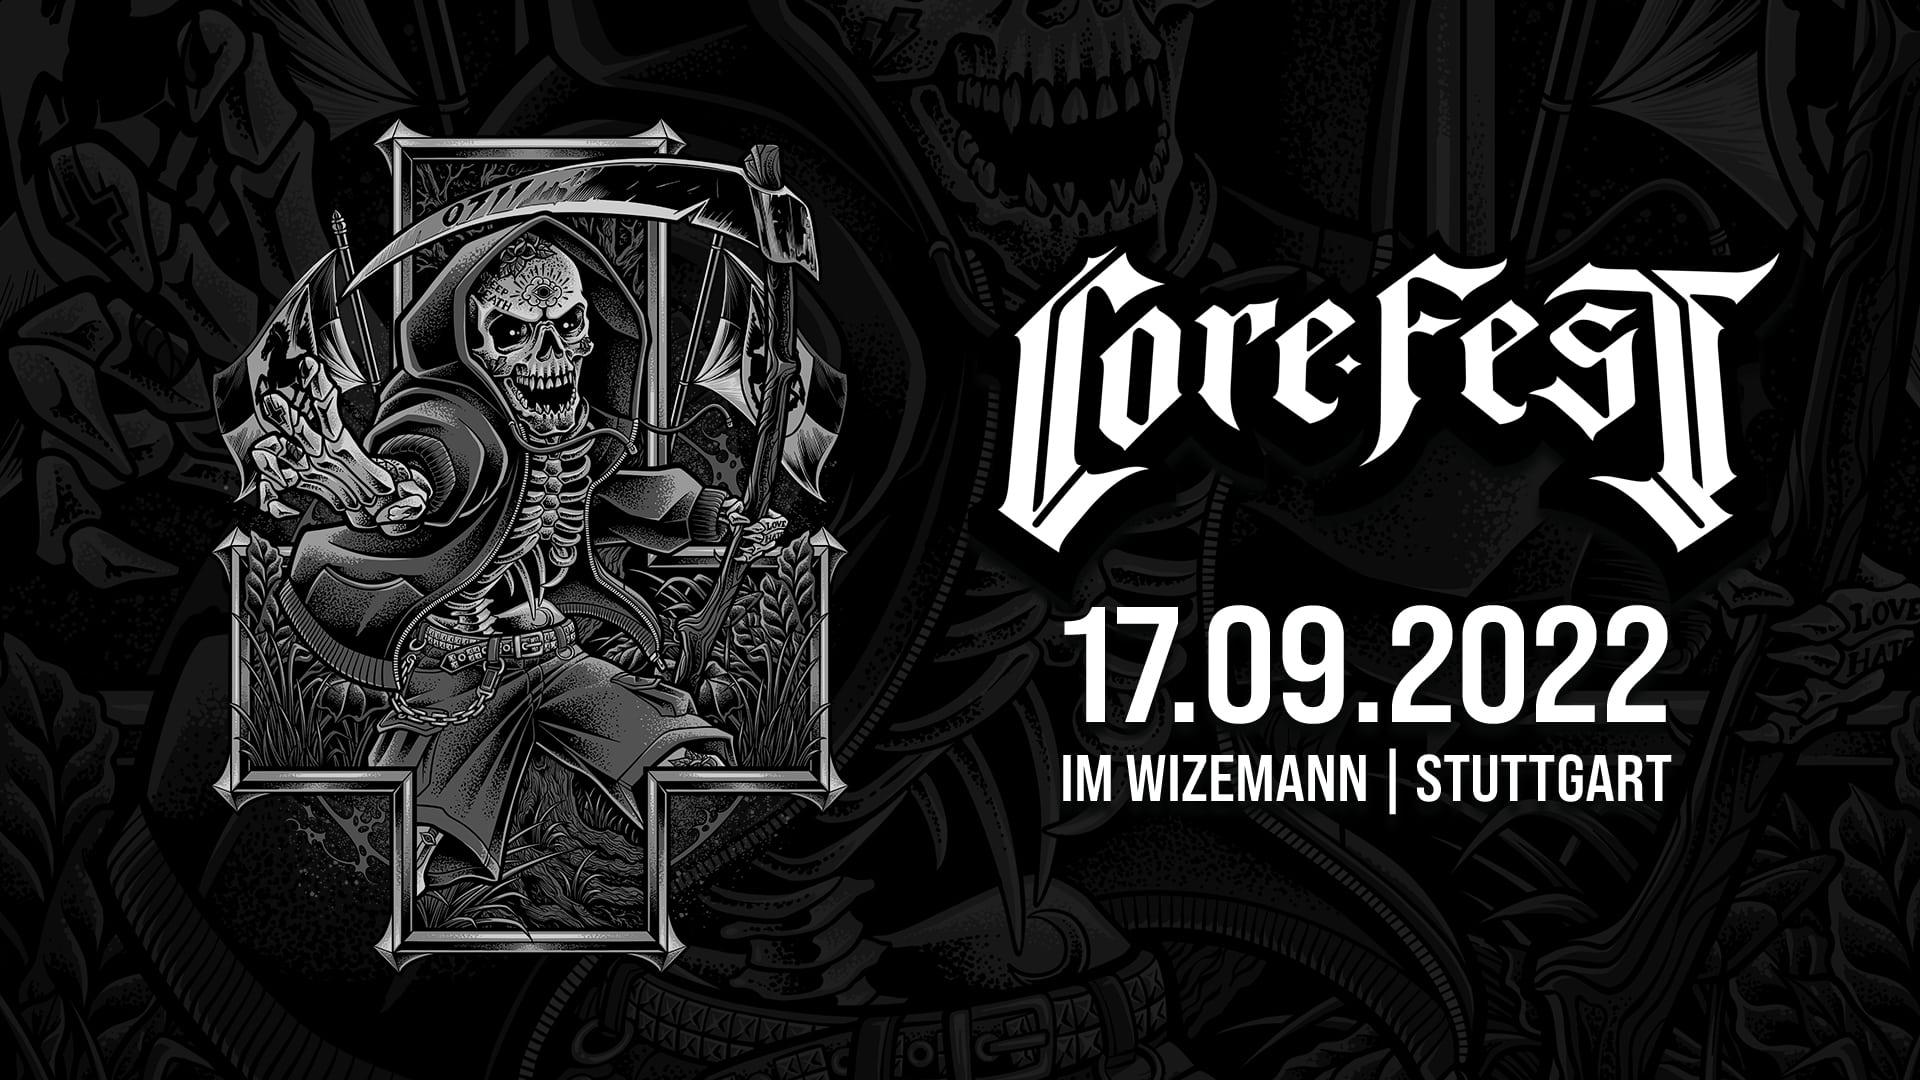 Core-Fest-2022-01-Web-Banner-01-1920x1080